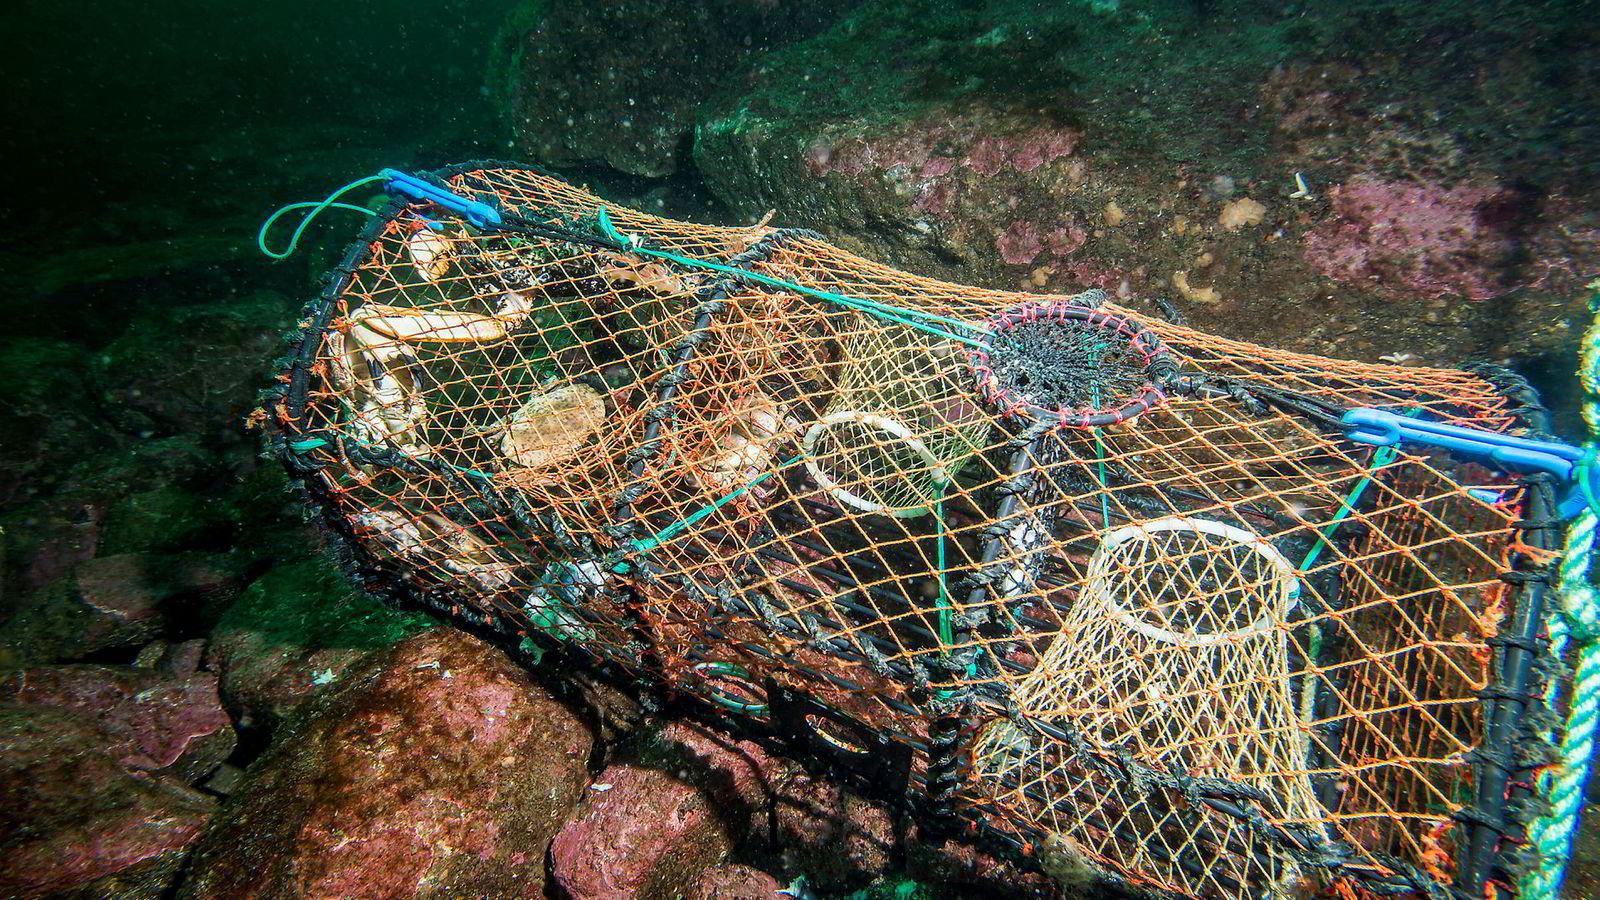 Forskerne har kommet frem til at hele 14.500 teiner ble mistet under fjorårets hummerfiske. Disse teinene, som kalles spøkelsesteiner,  fanger hummer, krabber og fisk i årevis etter at de er mistet.